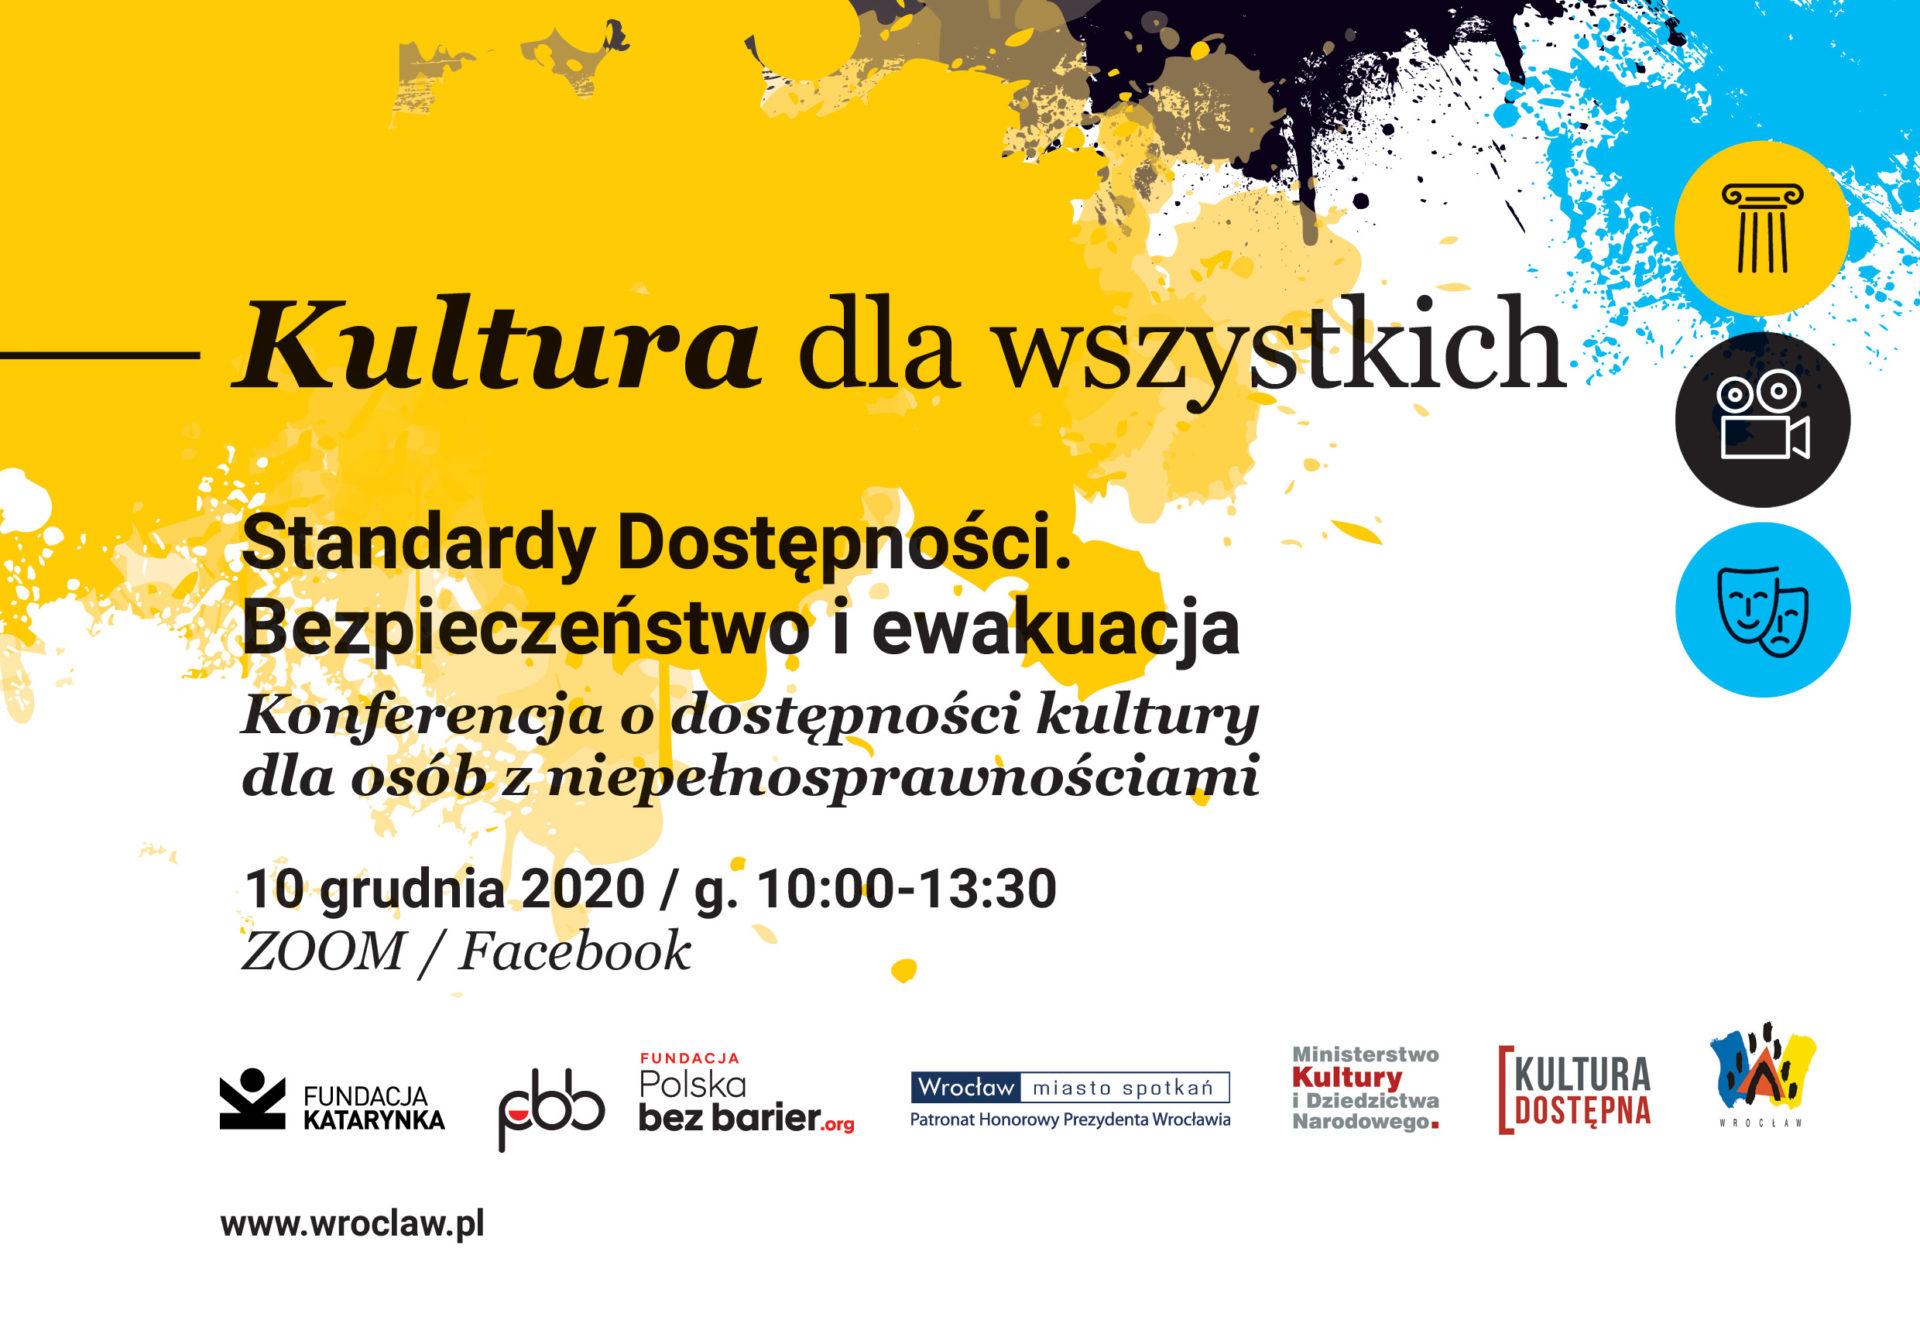 Kultura dla wszystkich Standardy Dostępności. Bezpieczeństwo i ewakuacja Konferencja o dostępności kultury dla osób z niepełnosprawnościami Edycja 2 10 grudnia 2020 / g. 10:00-13:30 ZOOM / Facebook Logotypy: Katarynka, Polska Bez Barier, prezydent (w załączniku), MKiDN, Kultura Dostępna, Gmina Wrocław www.wroclaw.pl